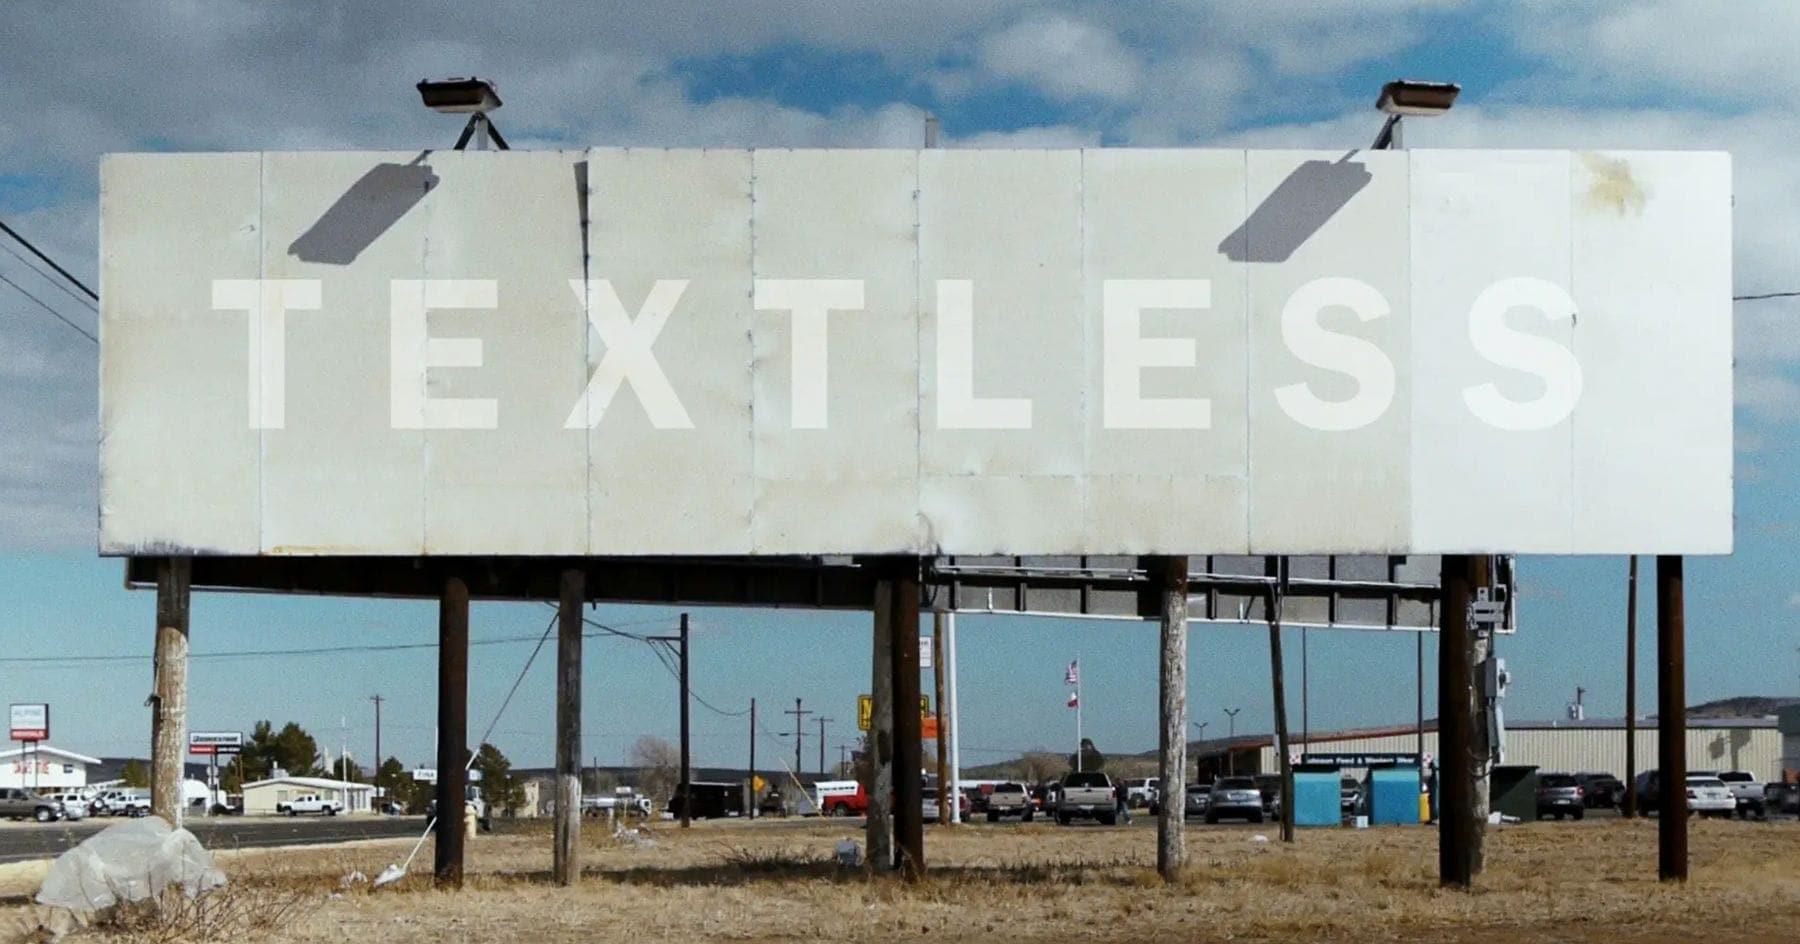 Textless – Wenn Buchstaben ihren Halt verlieren | Animation | Was is hier eigentlich los?